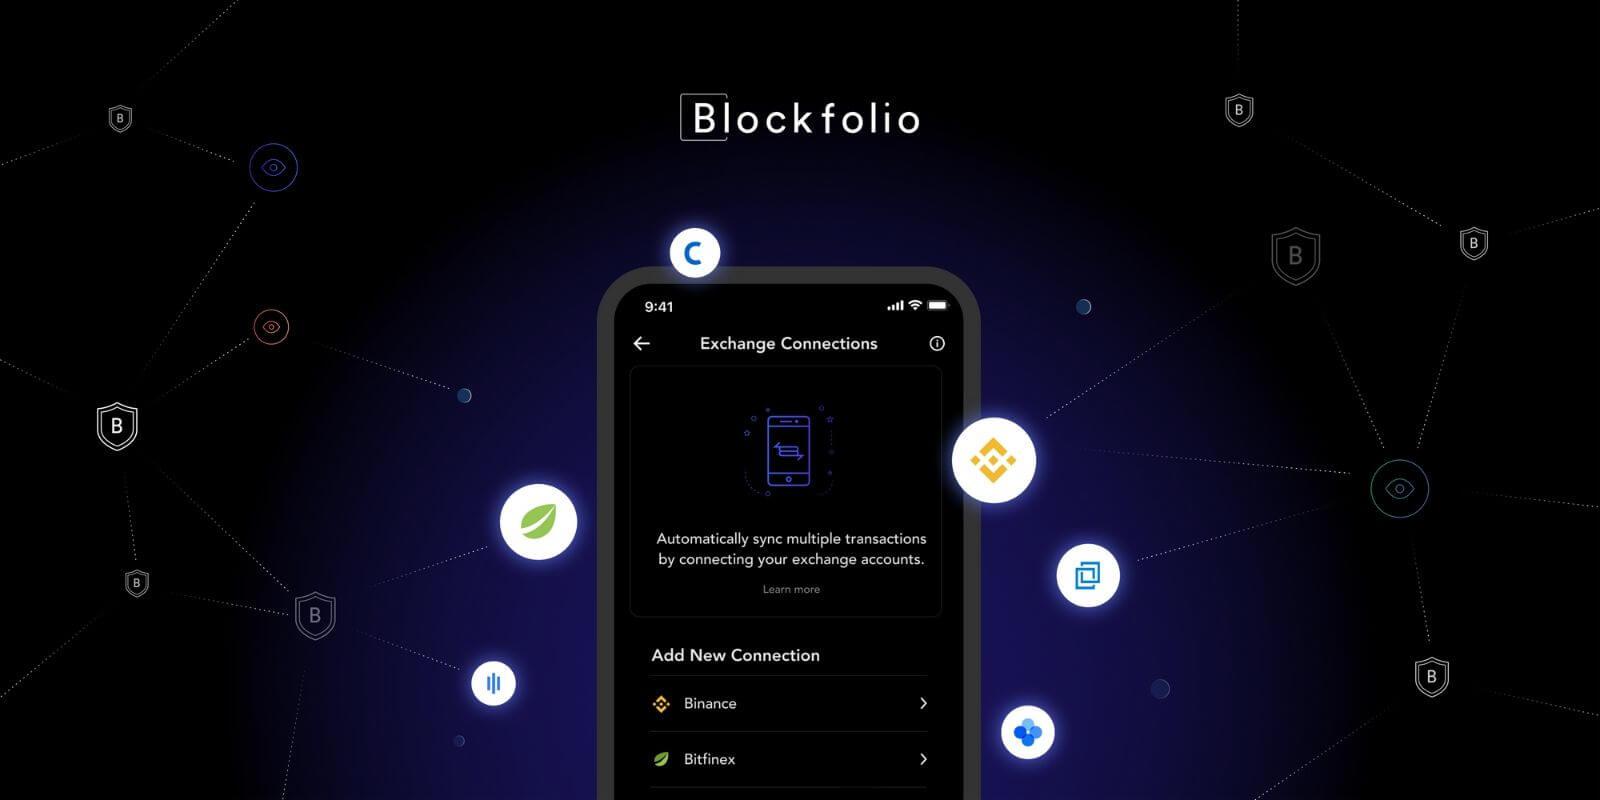 Tutoriel Blockfolio